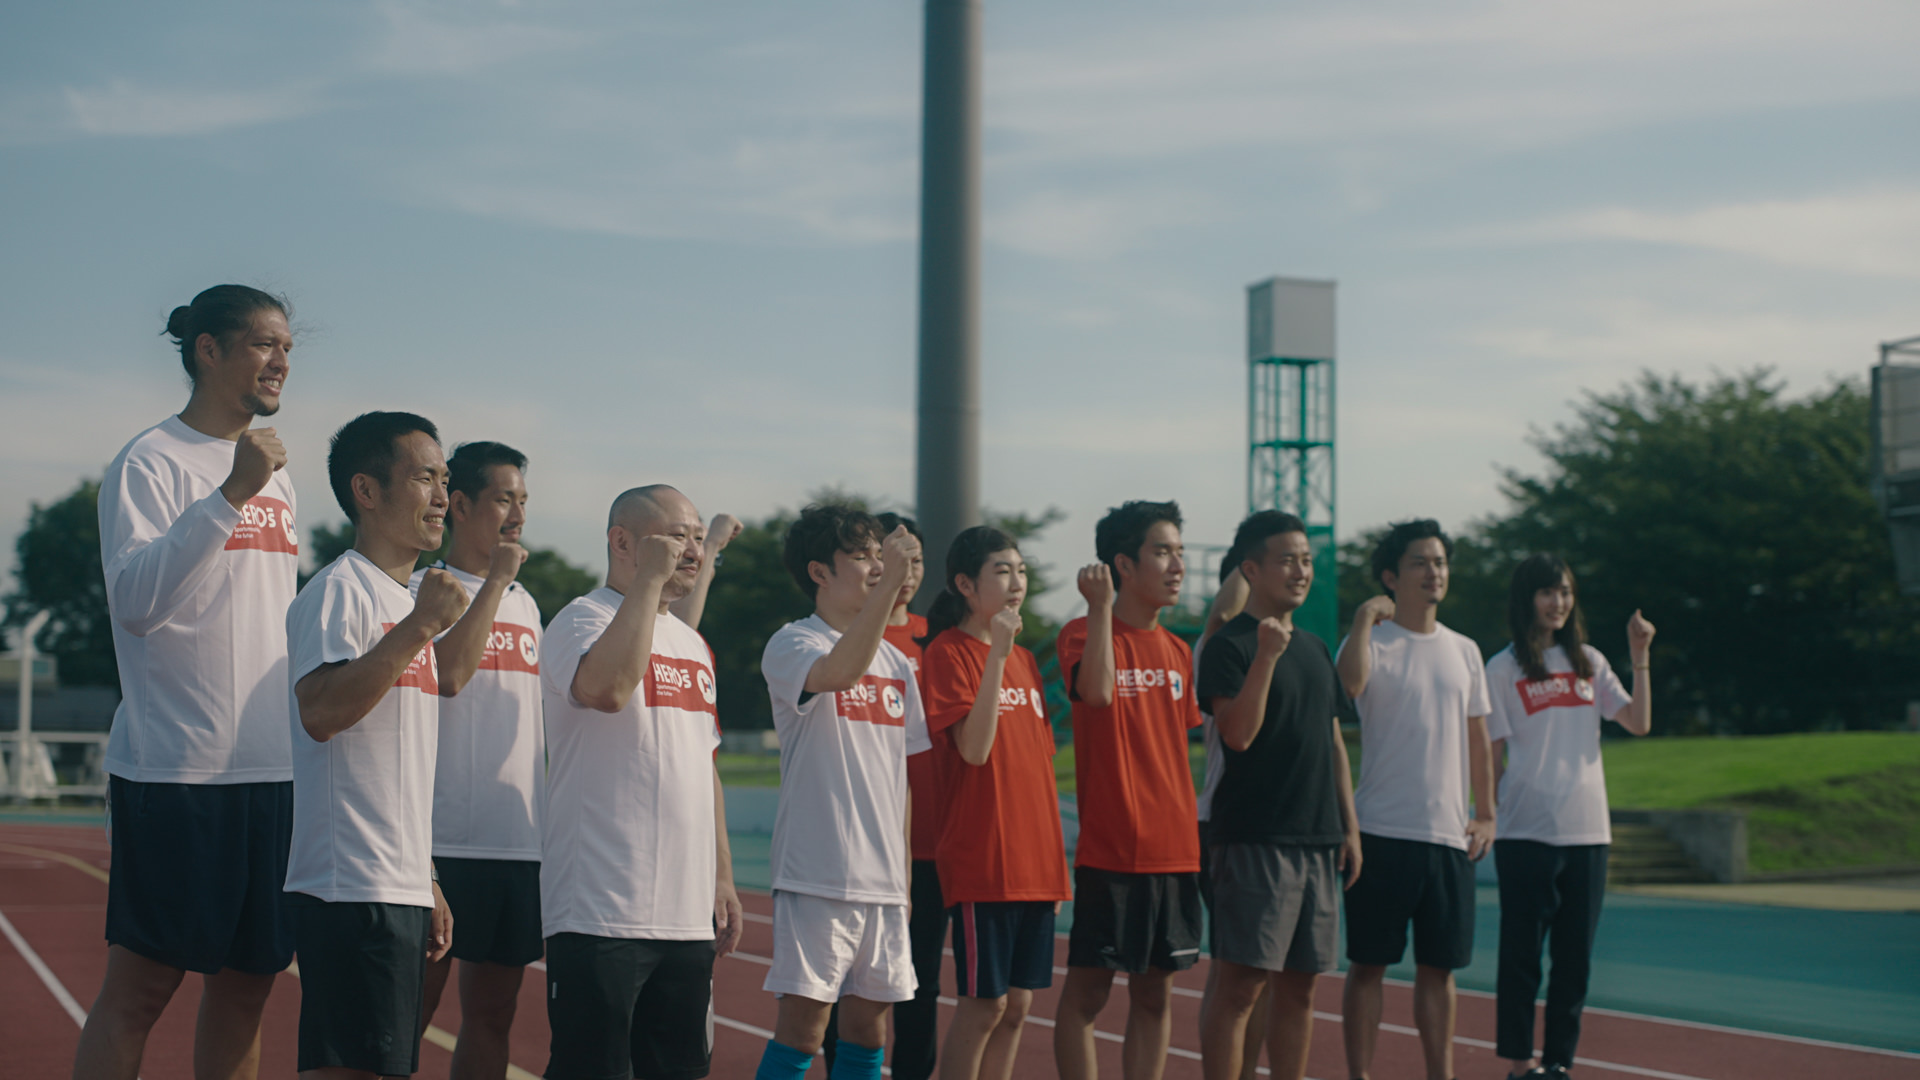 写真:Hero's Project のTシャツを着てポーズをしながら笑顔で集合写真を撮る13名のテスト走者とスタッフ。